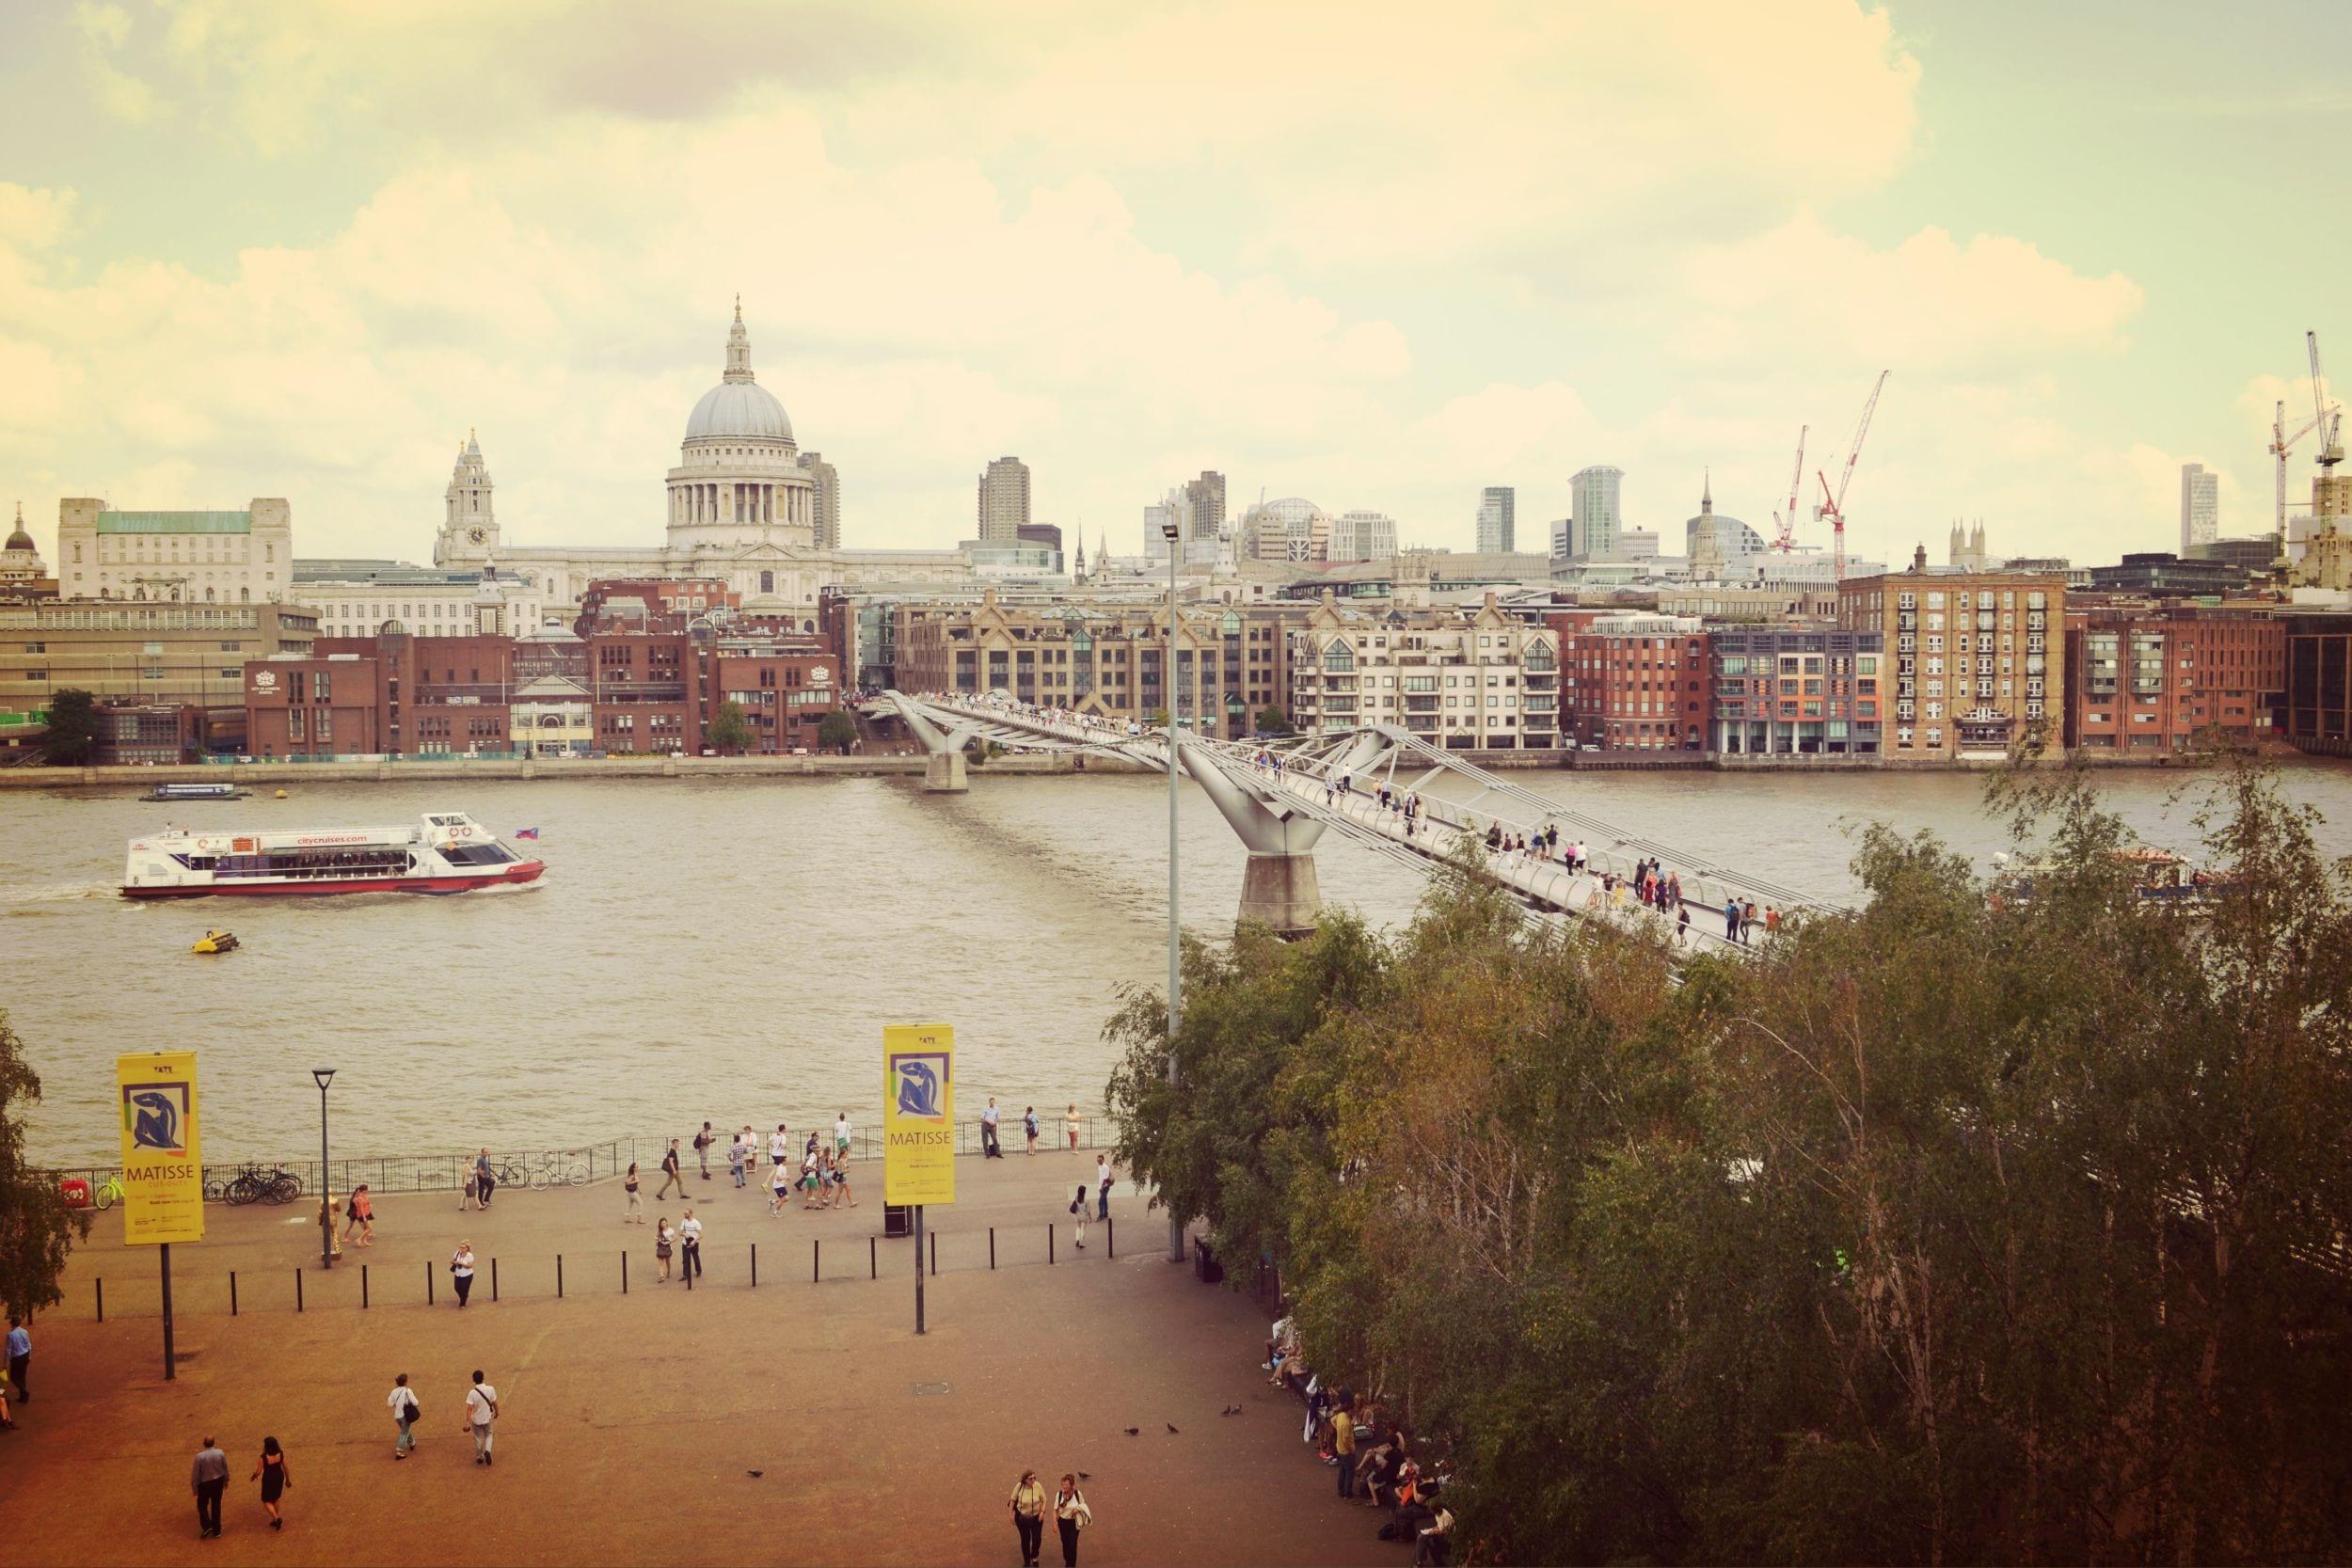 Tate Modern Aussichtspunkt London